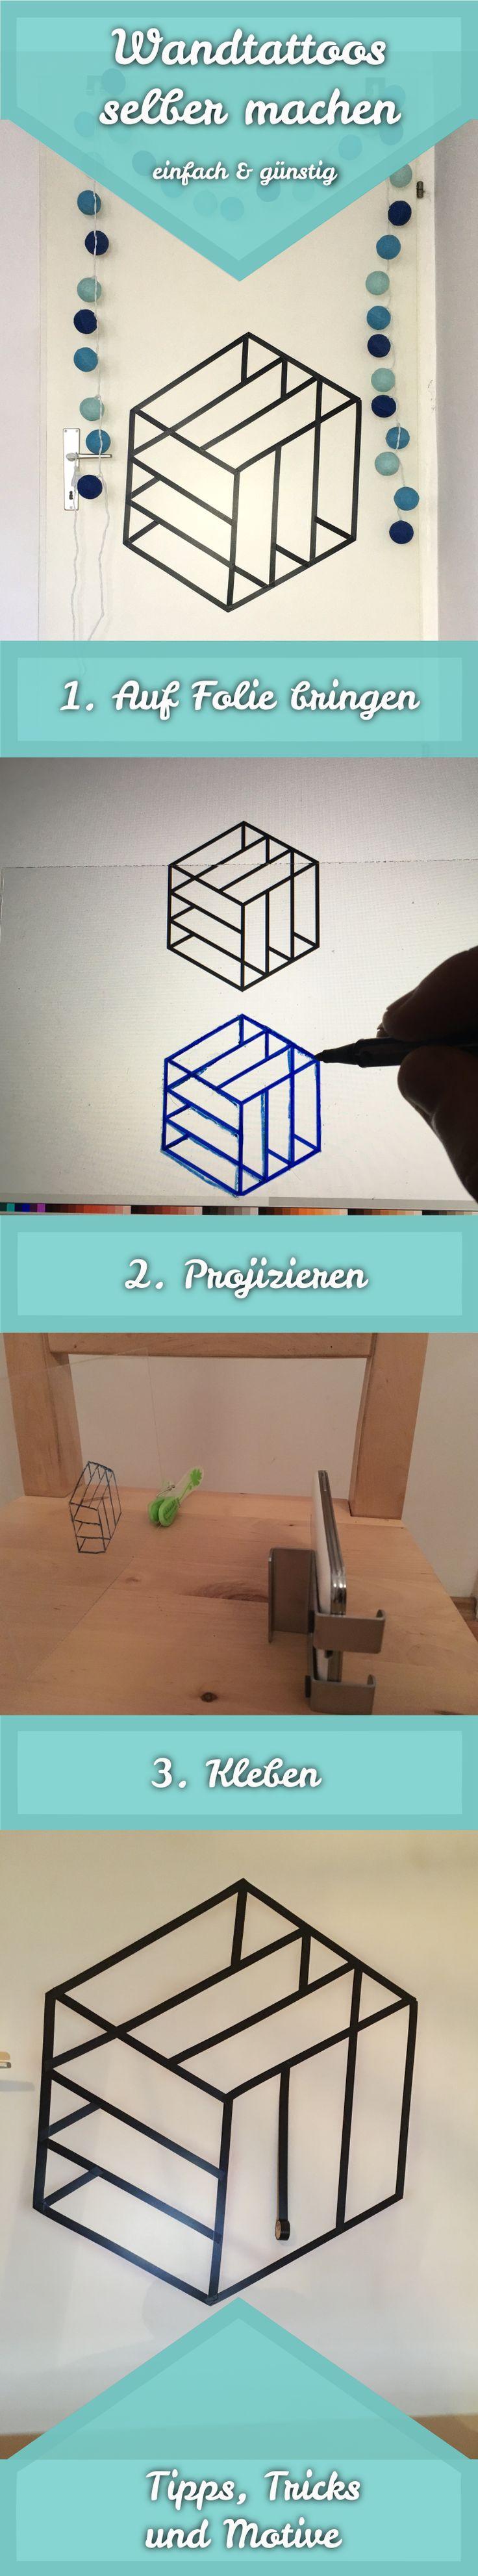 Mit dieser einfachen Anleitung zum Wandtattoo selber machen kannst du ganz leicht und super günstig (<5€) deine Wände oder Türen verschönern.